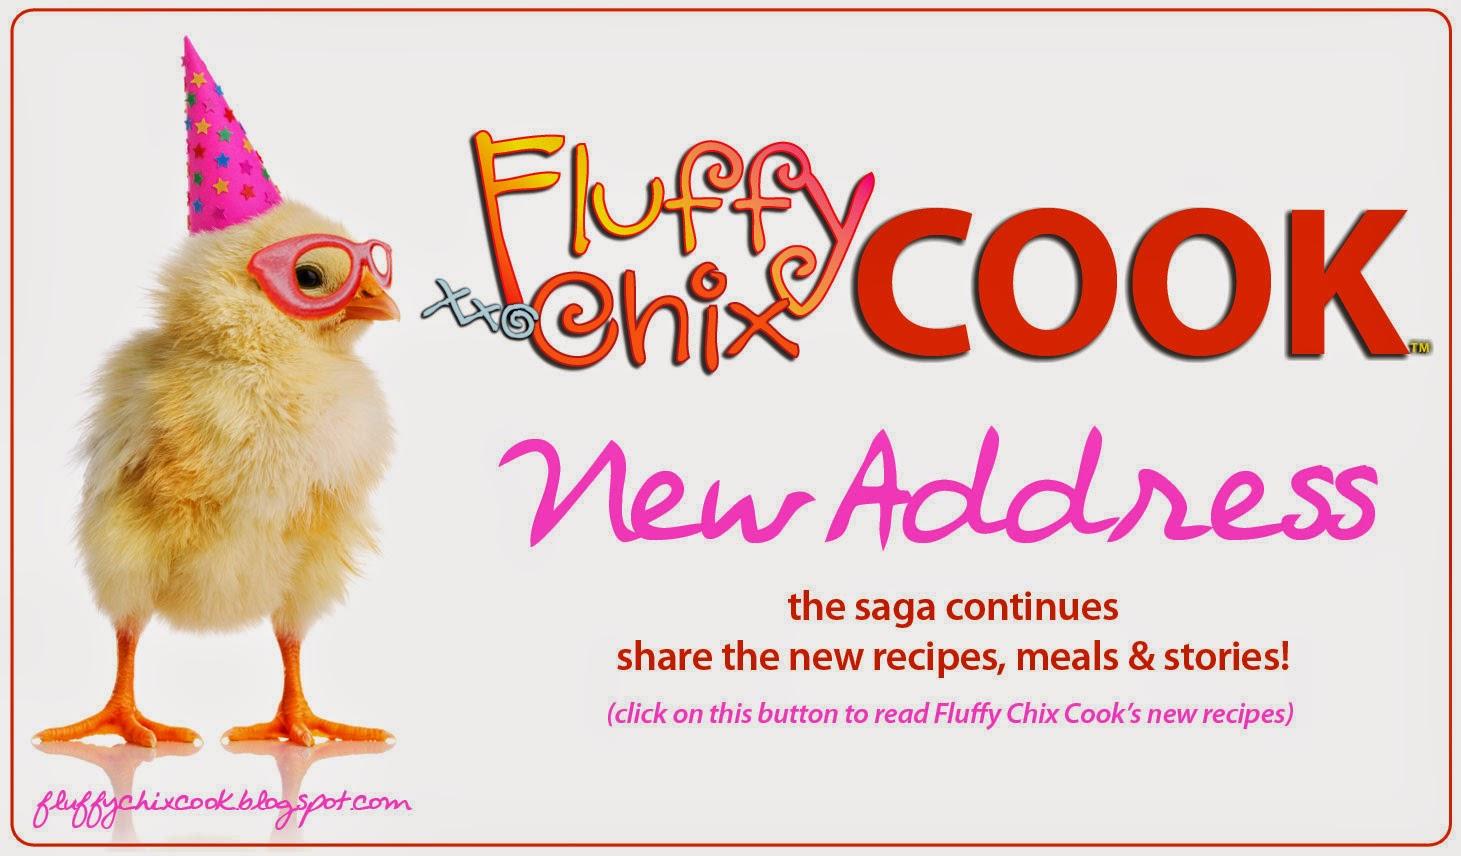 http://www.fluffychixcook.com